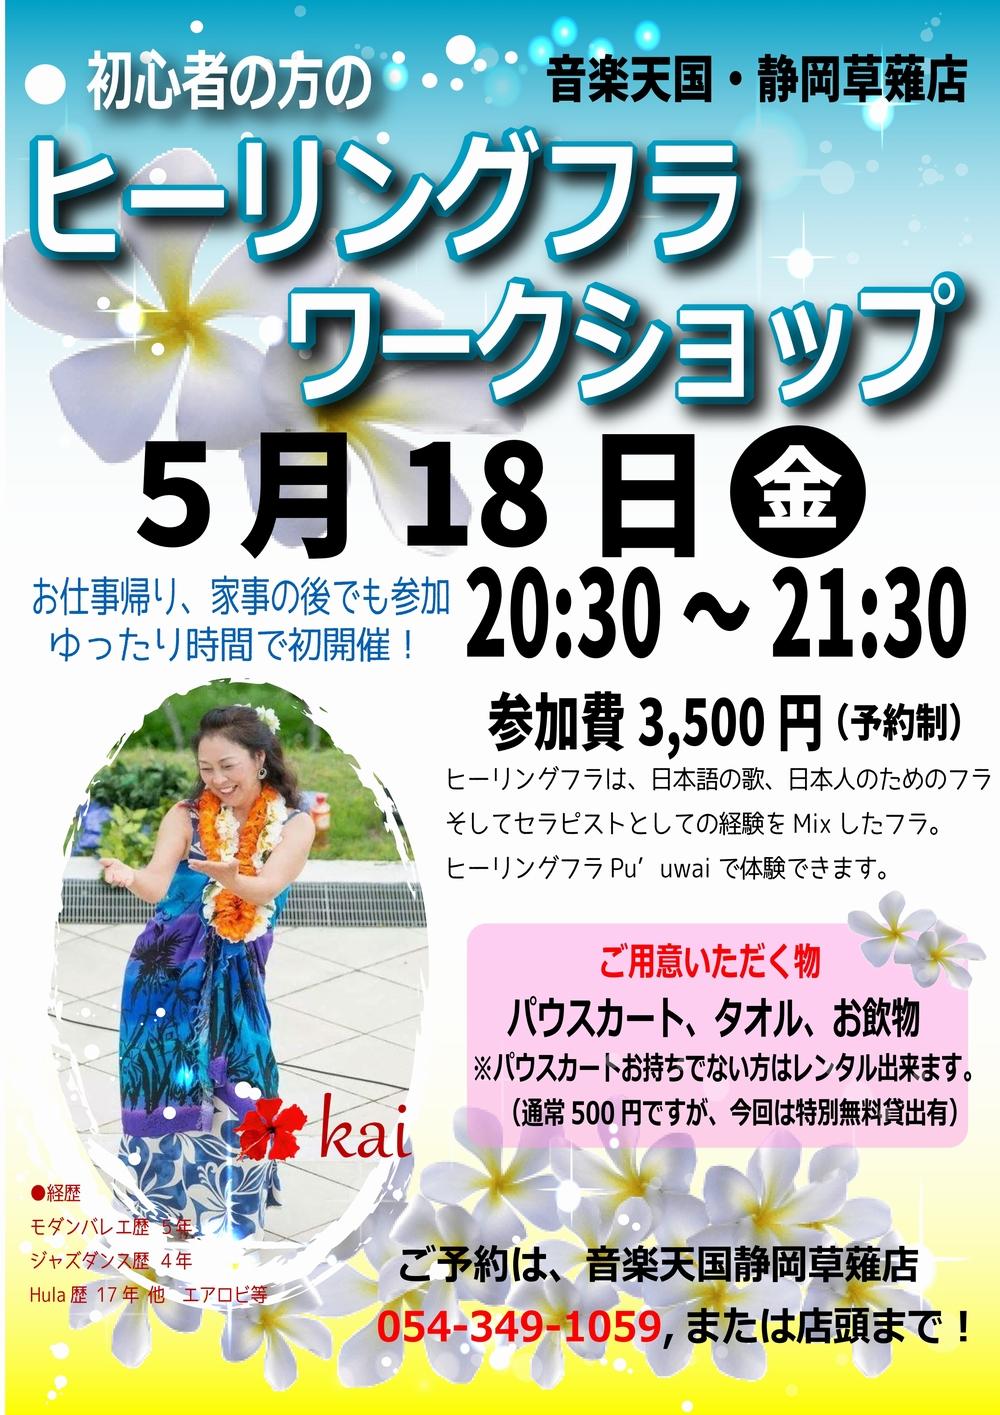 【ワークショップ・ヒーリングフラ】音楽天国・静岡草薙店5月18日(金)開催